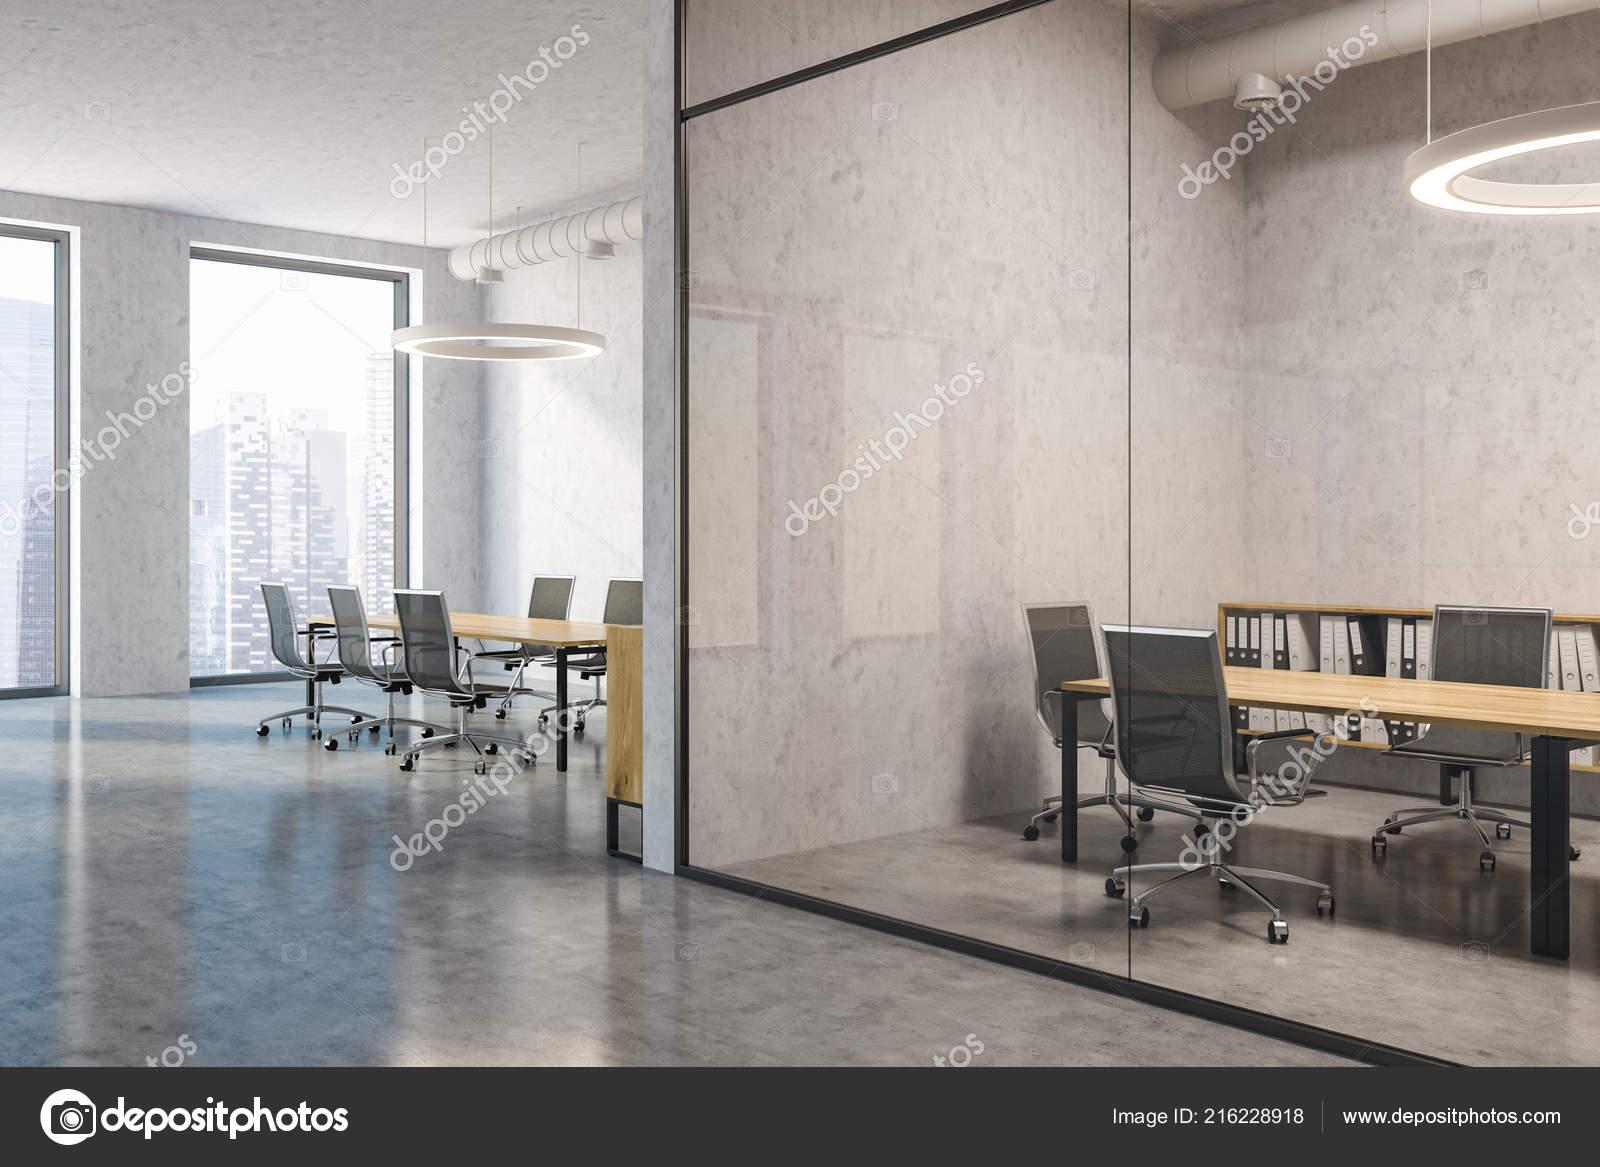 Beton In Interieur : Industrielle konferenz zimmer interieur mit beton und glas wände